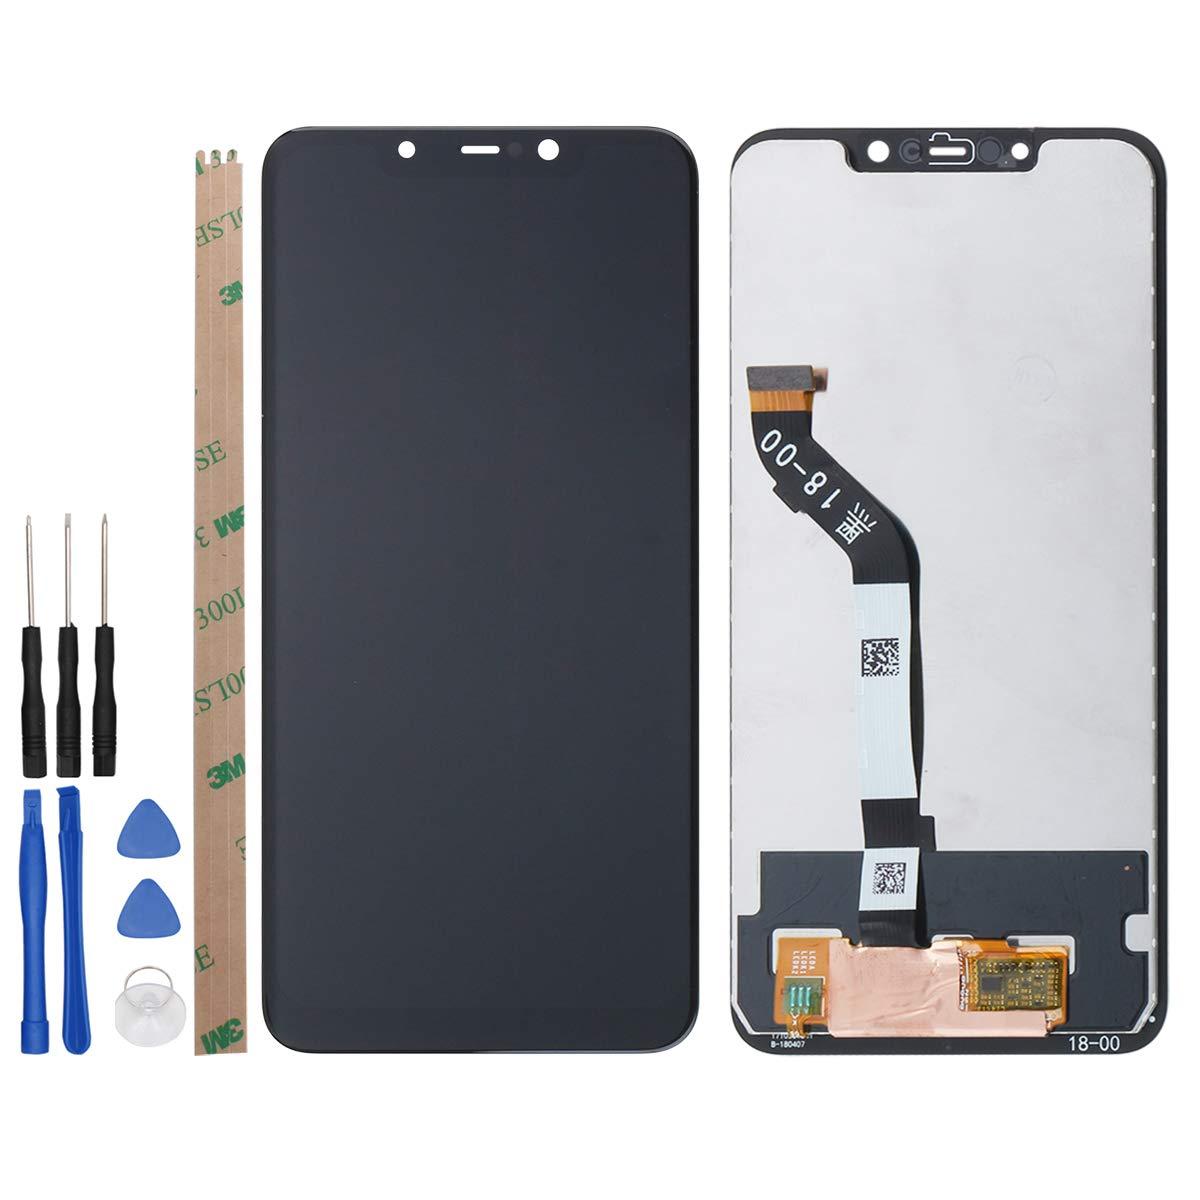 West Dragon - Pantalla táctil LCD para XiaoMi Pocophone F1 (Pantalla LCD, con Herramientas): Amazon.es: Electrónica